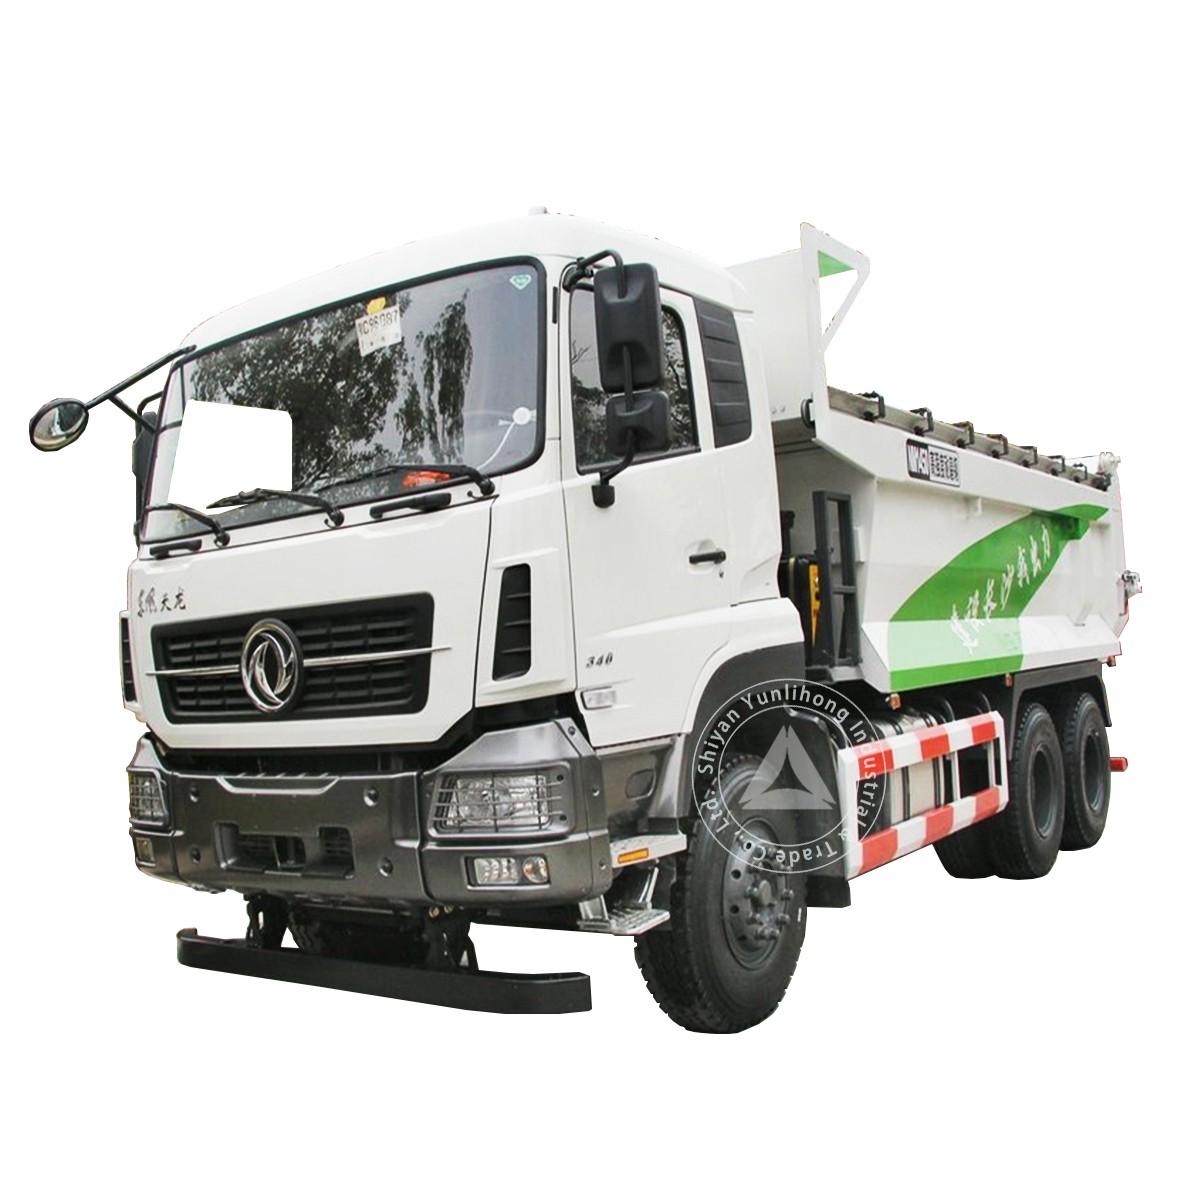 डोंगफेंग केसी 6x4 जीवीडब्ल्यू 33 टन 15 एम 3 टू 20 एम 3 डंप ट्रक